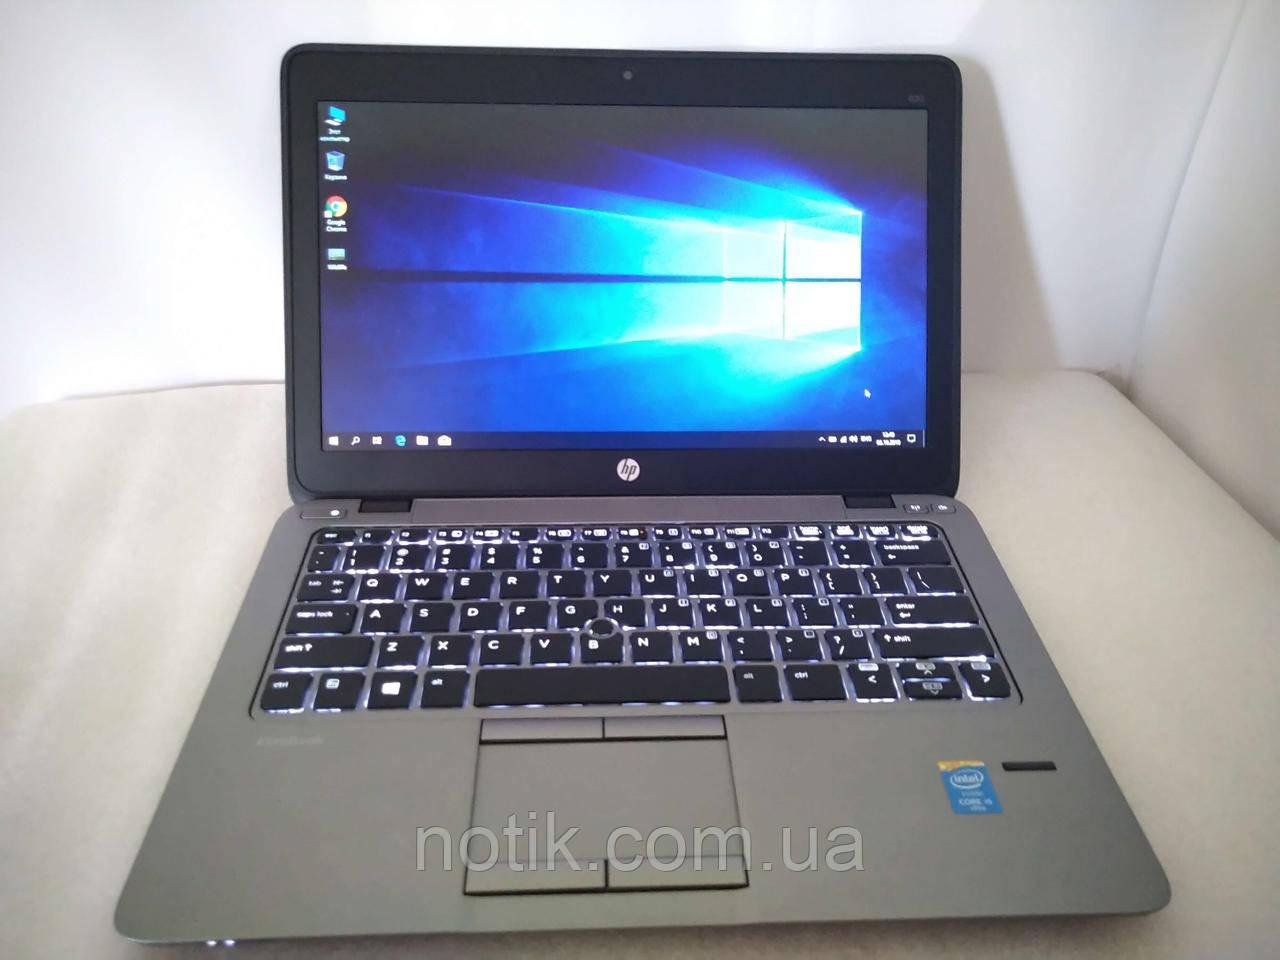 Ультрабук HP 820 G2 i5-5300U/8Gb/SSD 120Gb/12.5 в идеале